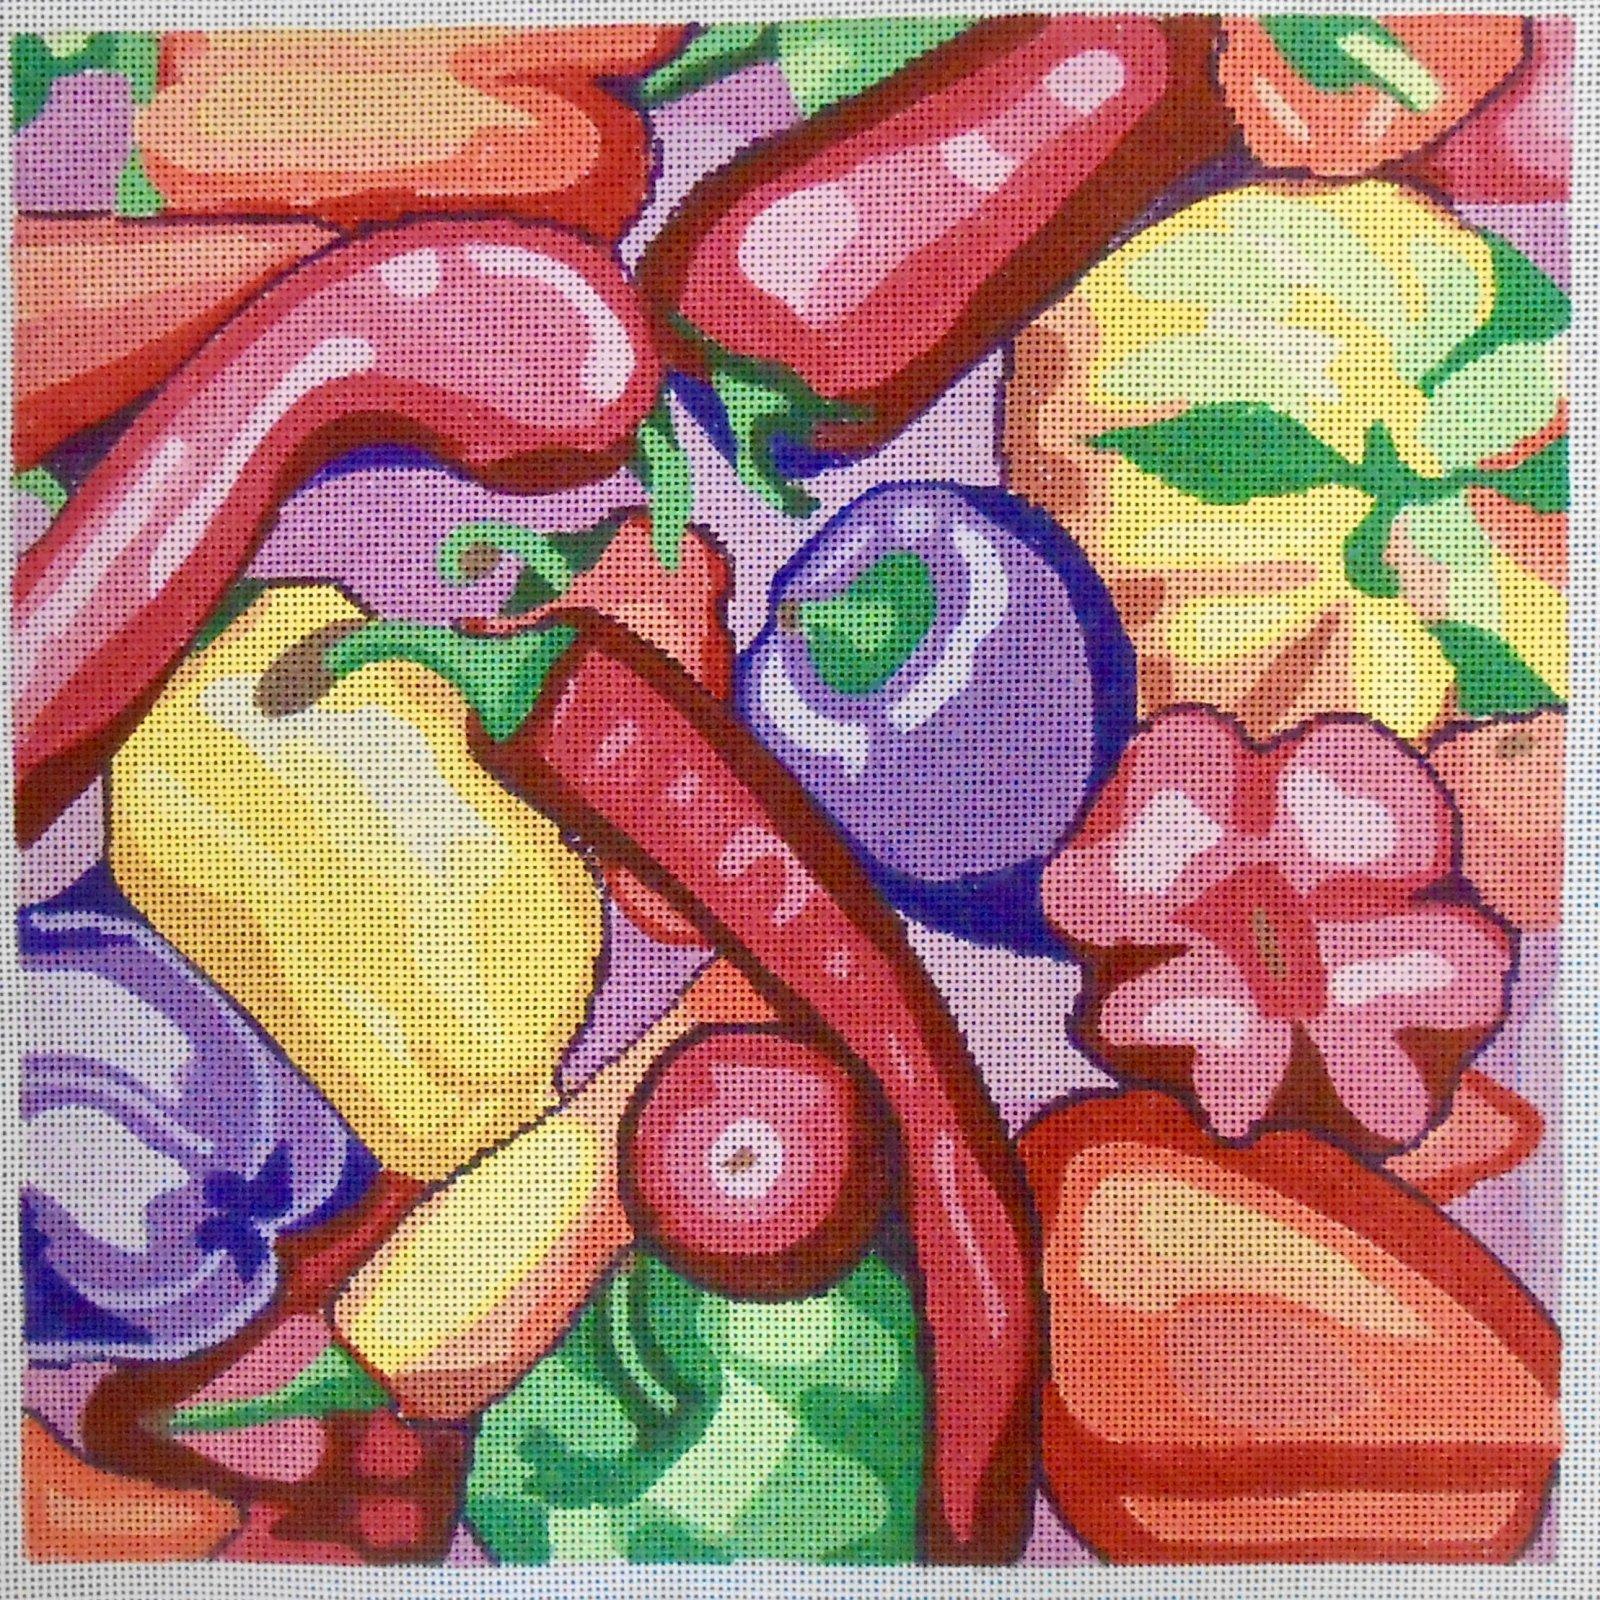 Farmers' Market: Sweet Peppers